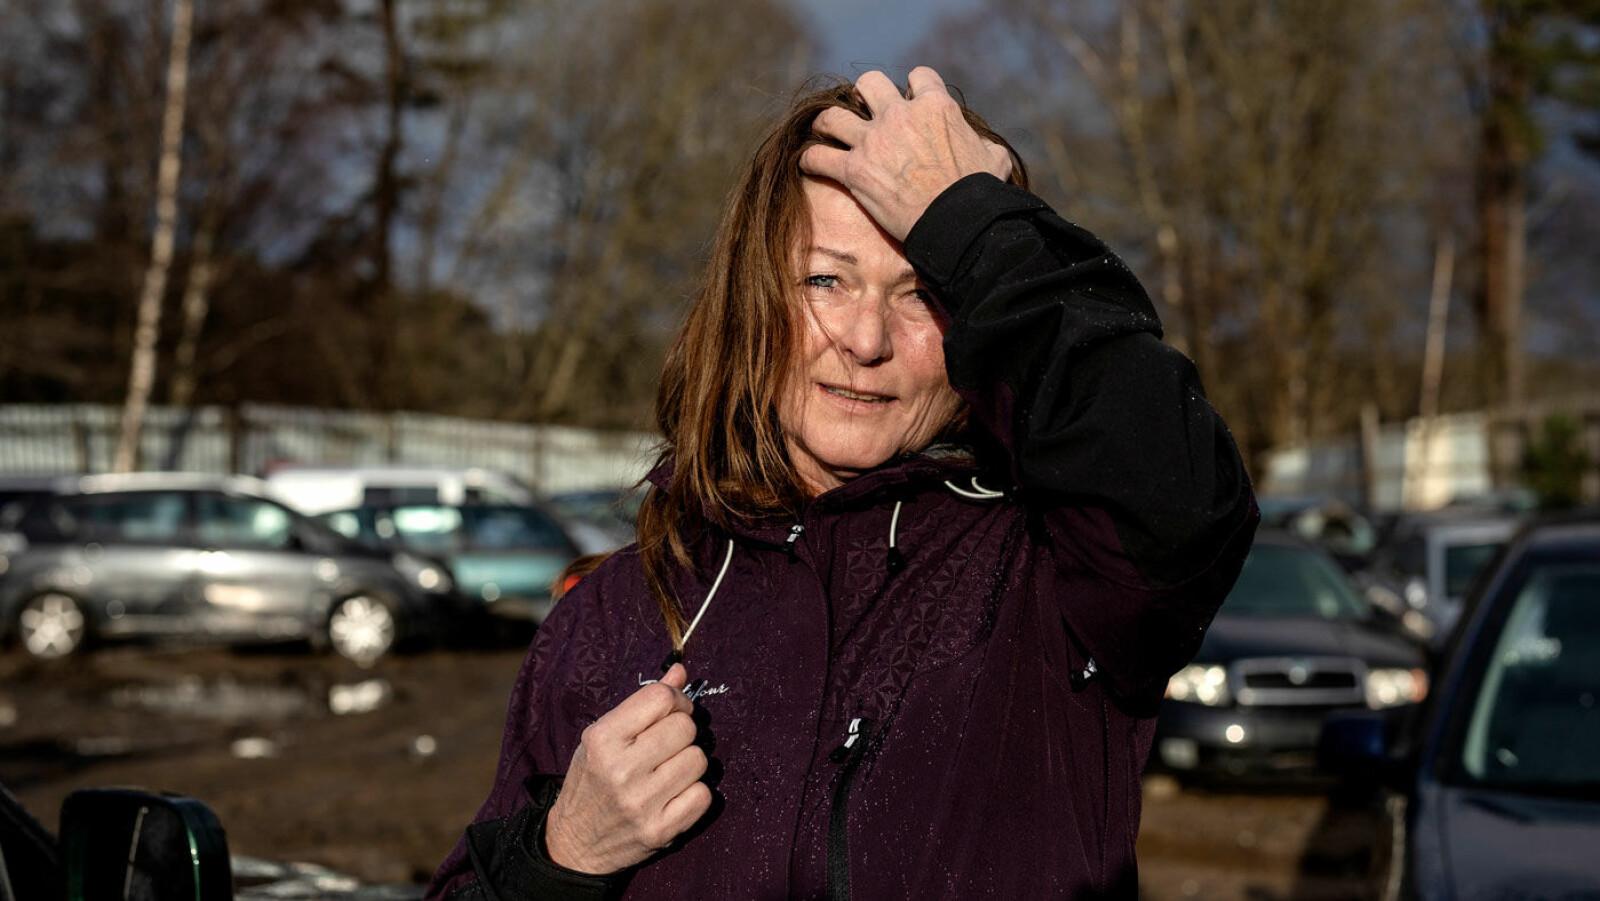 EN DÅRLIG HANDEL: Sigfrid Eiksund trodde hun kjøpte en trygg bruktbil. Men hun betalte for et vrak.